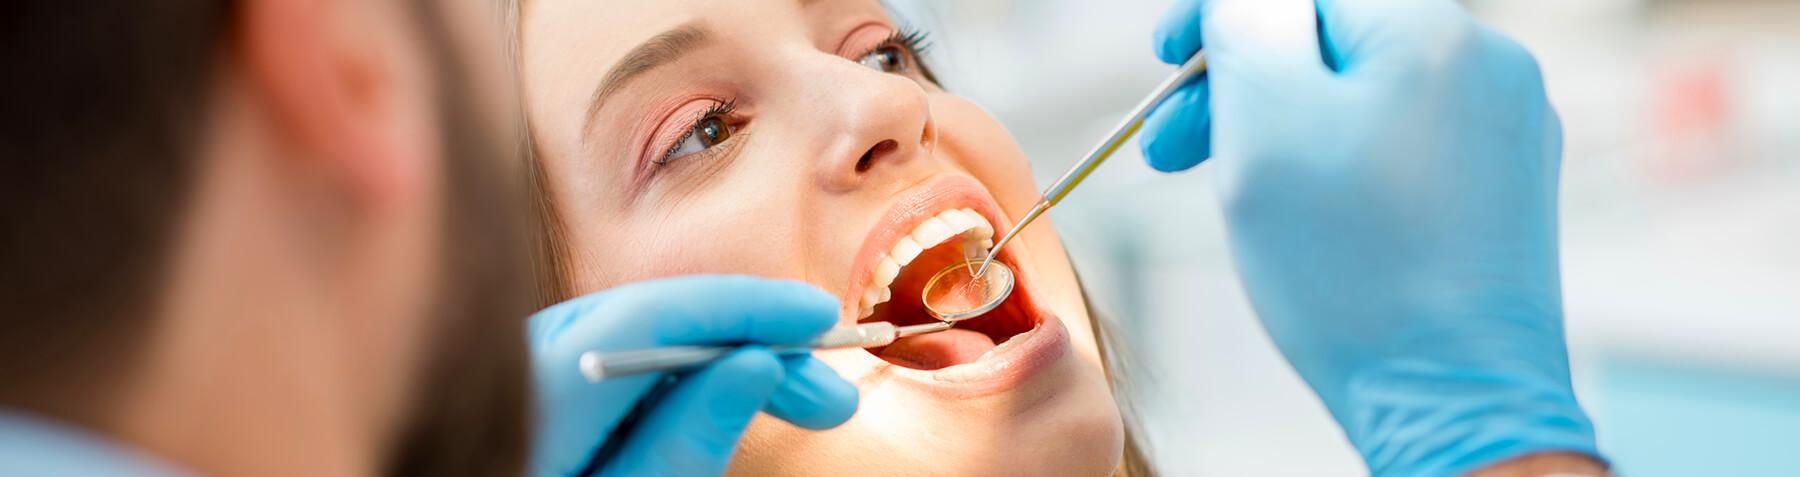 Dental Compensation